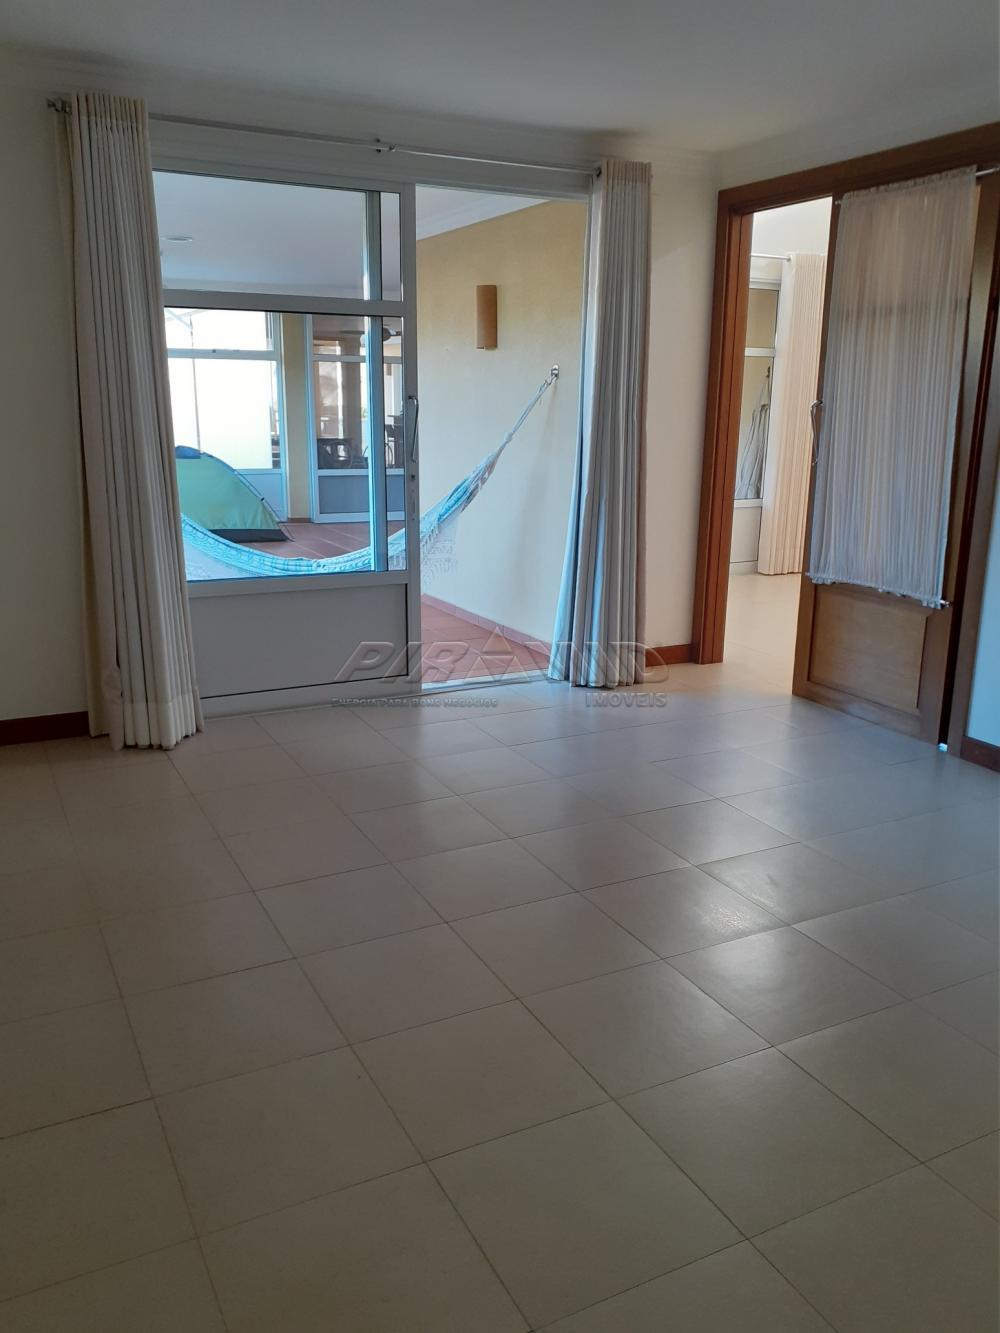 Comprar Casa / Condomínio em Ribeirão Preto apenas R$ 4.800.000,00 - Foto 10